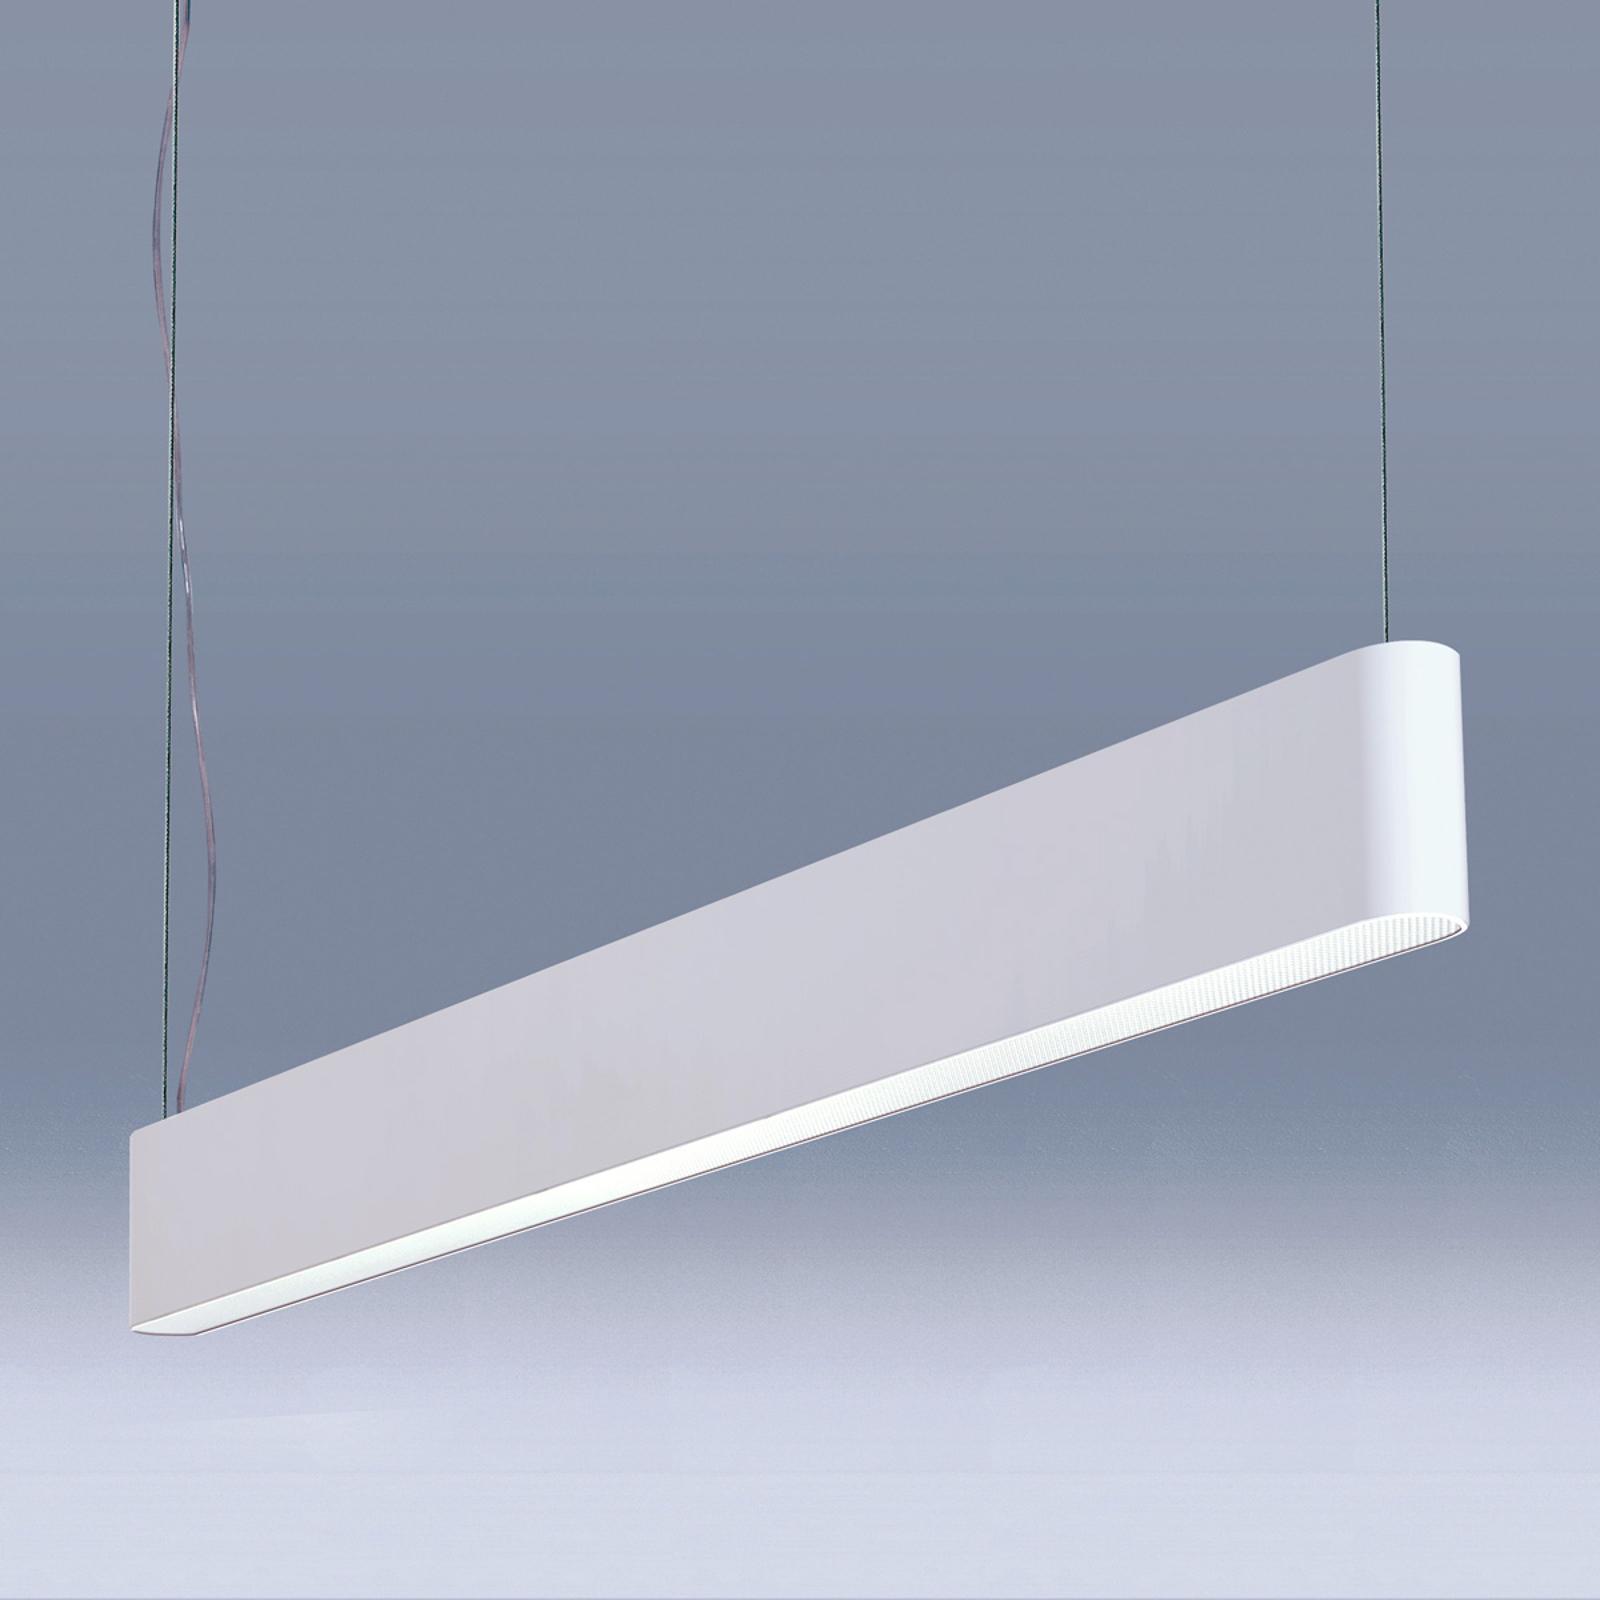 Lámpara colgante LED blanca Caleo-P4 - 89 cm 48W